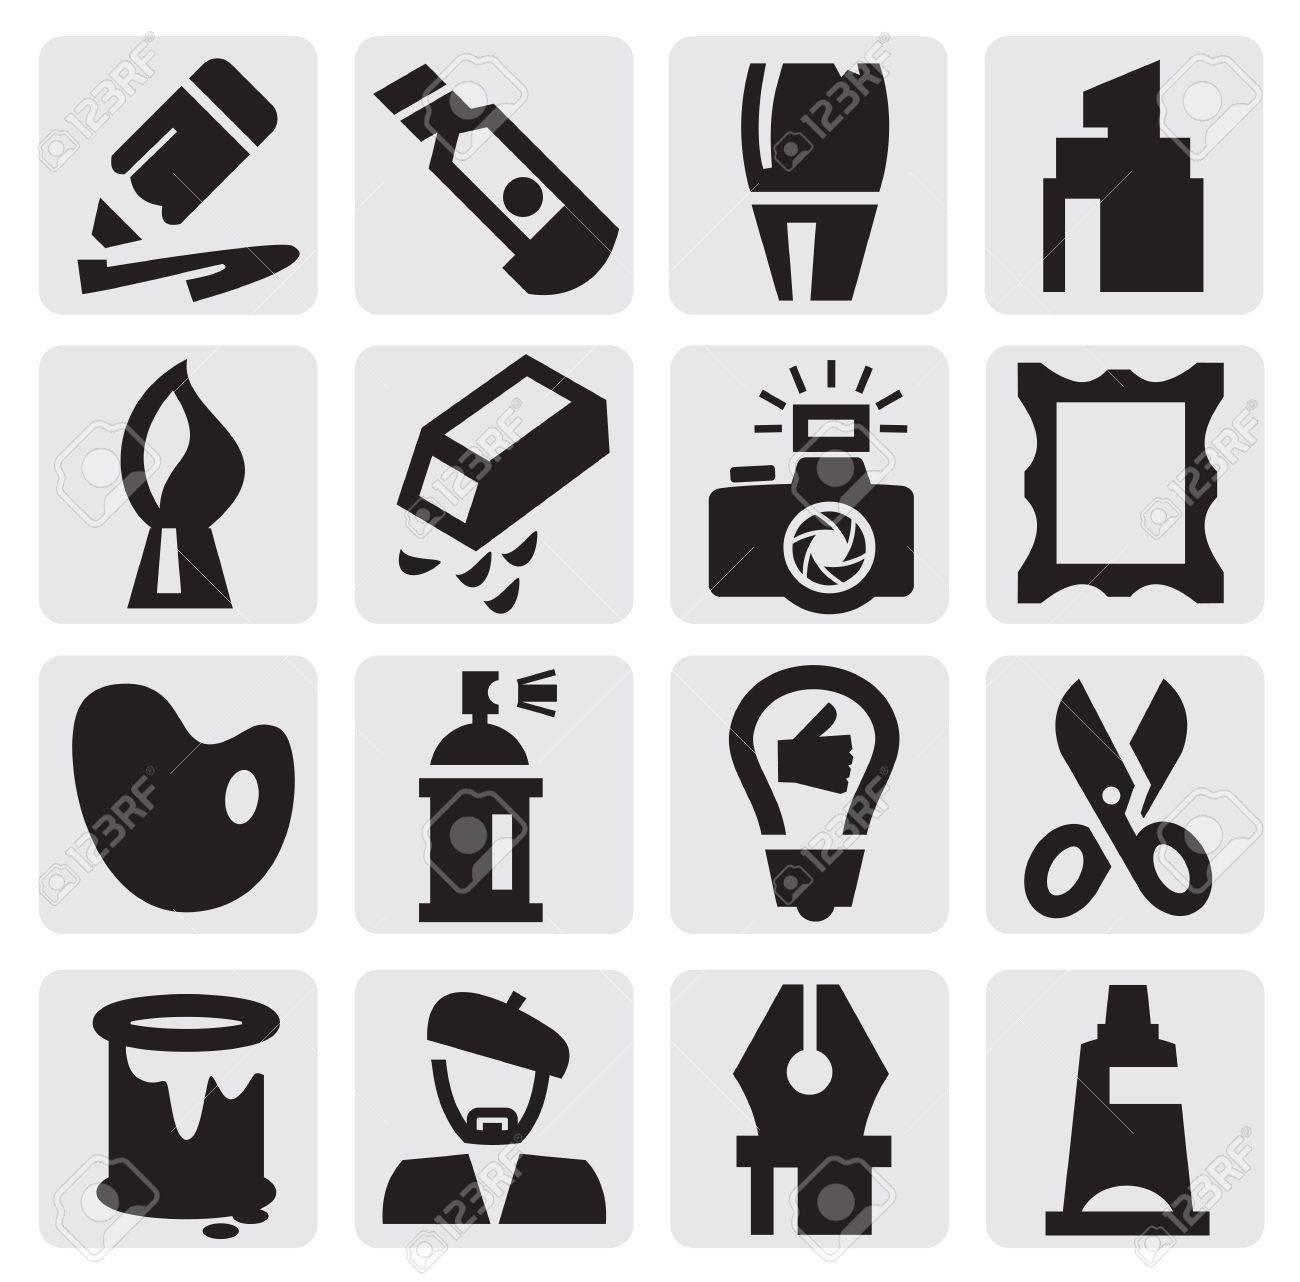 creative icons - 15479404